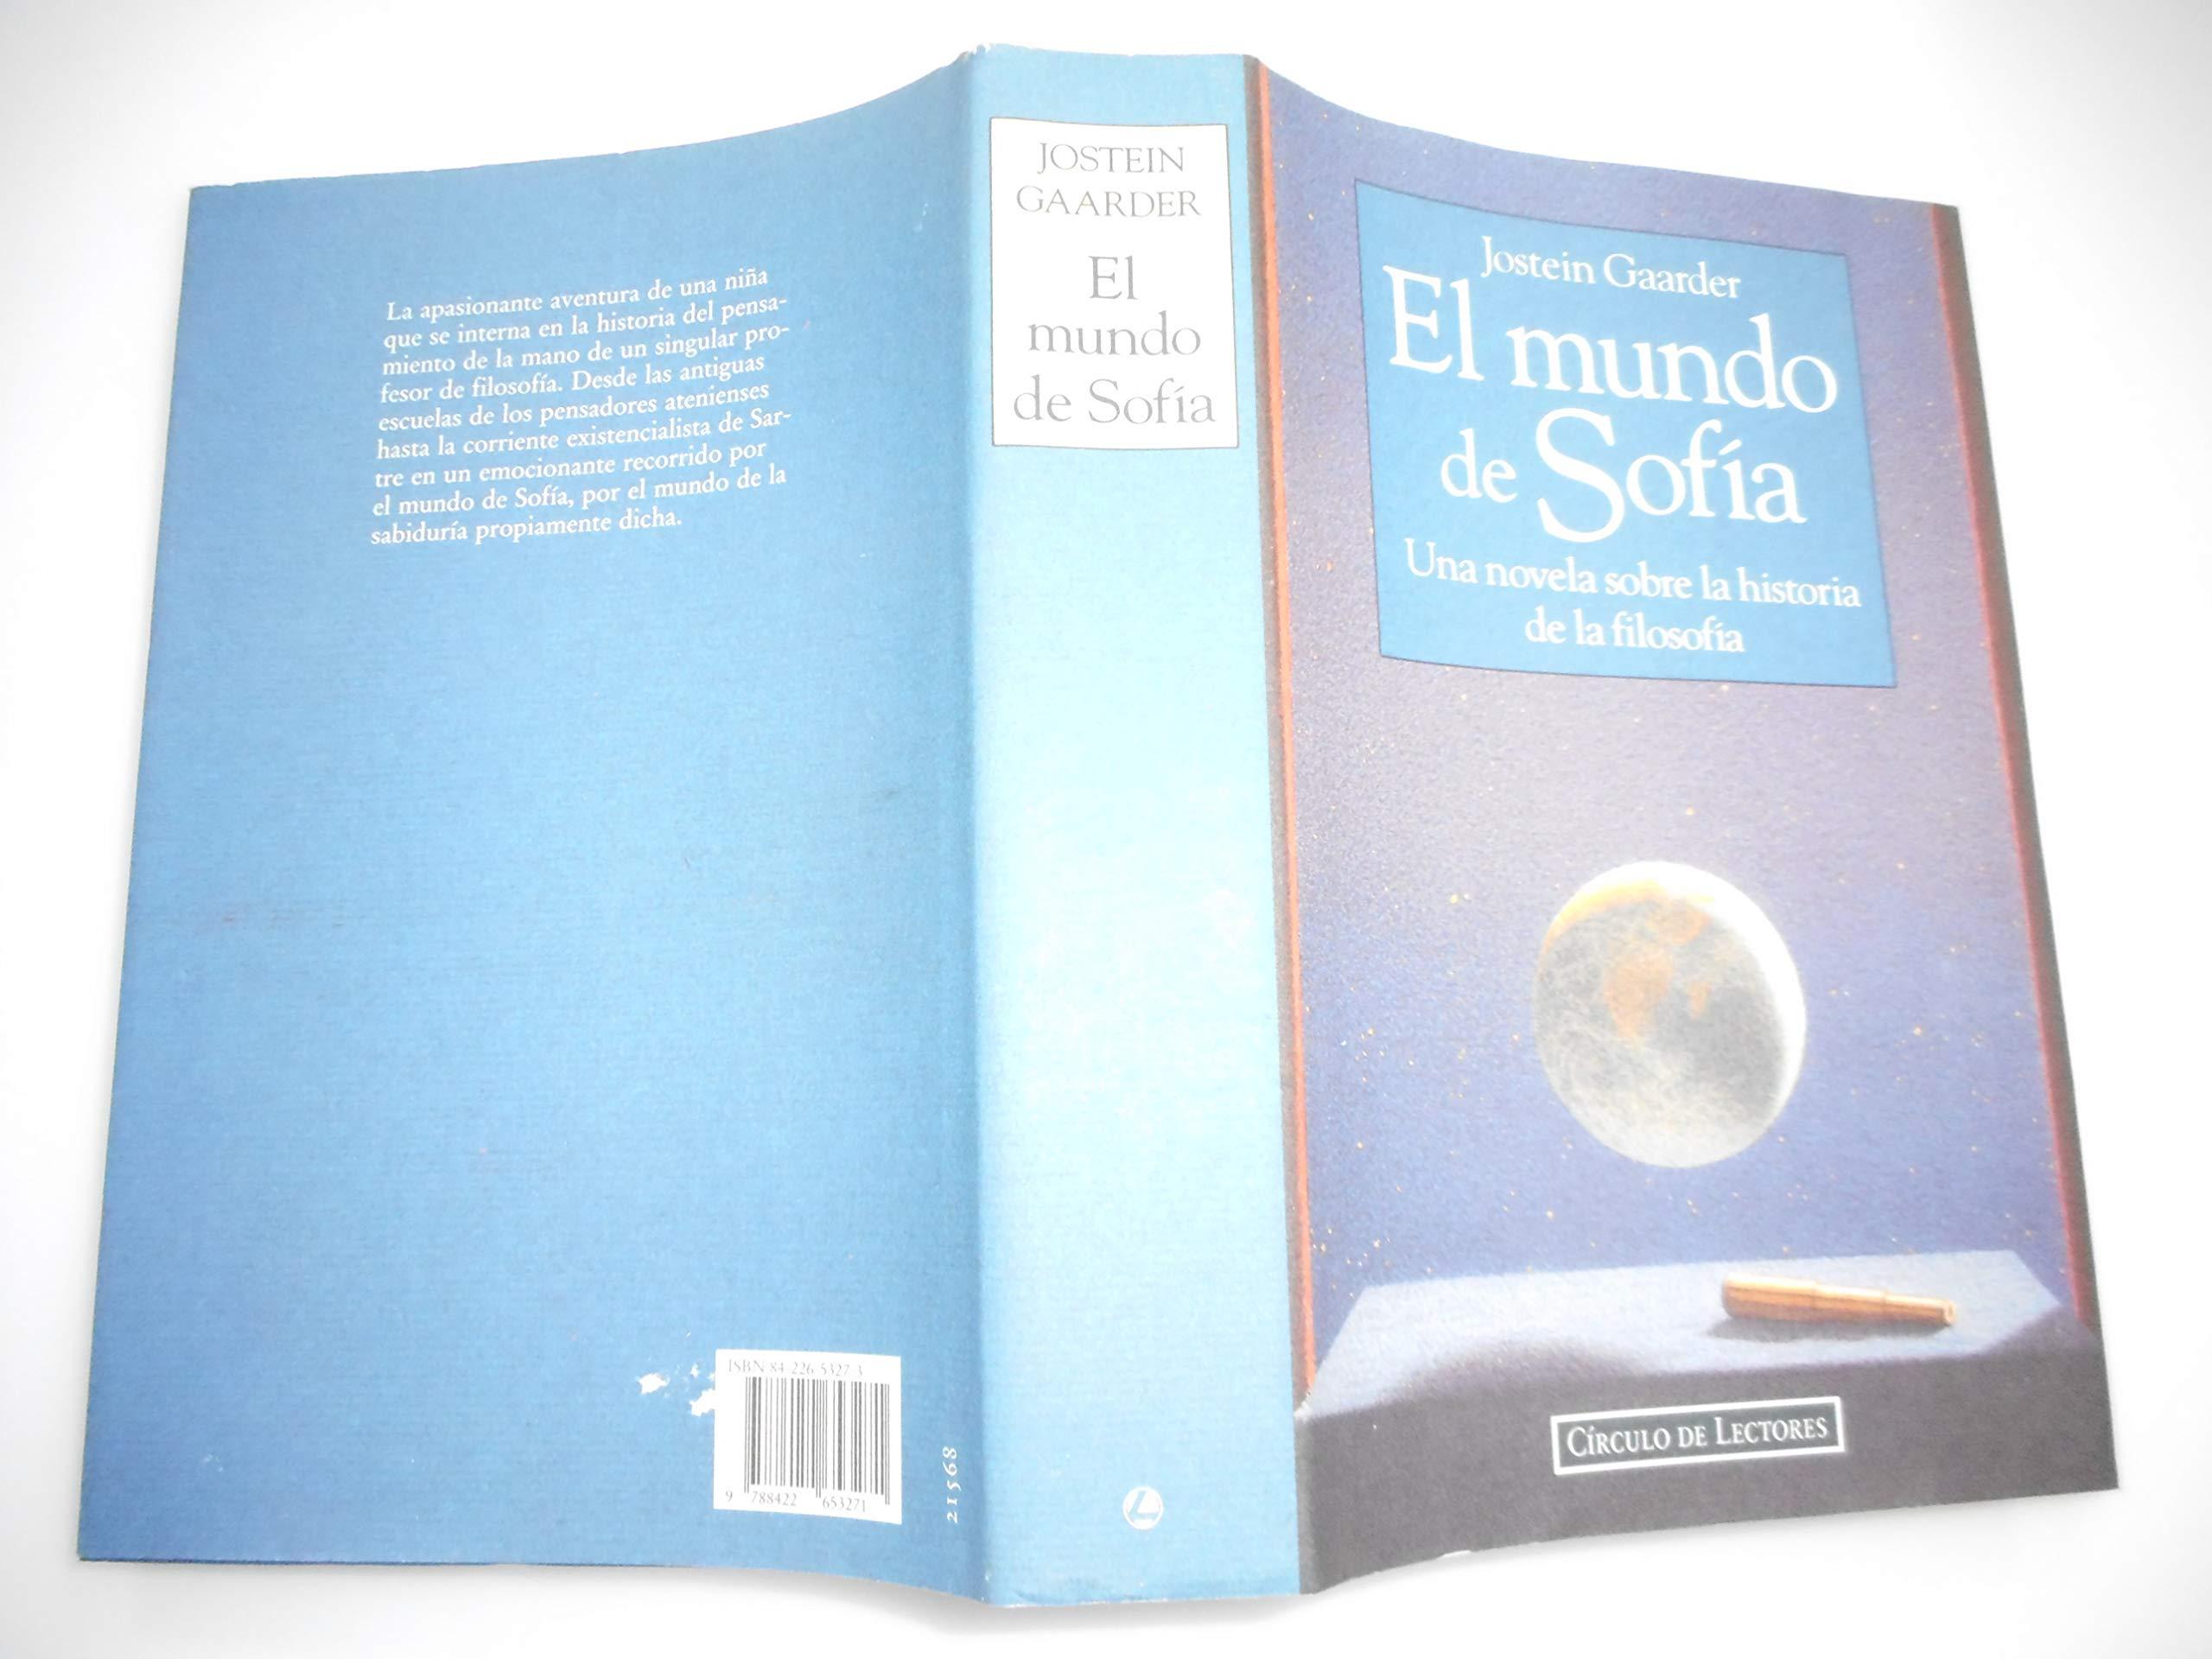 El mundo de Sofia : novela sobre la historia de la filosofia: Amazon.es:  Jostein Gaarder: Libros